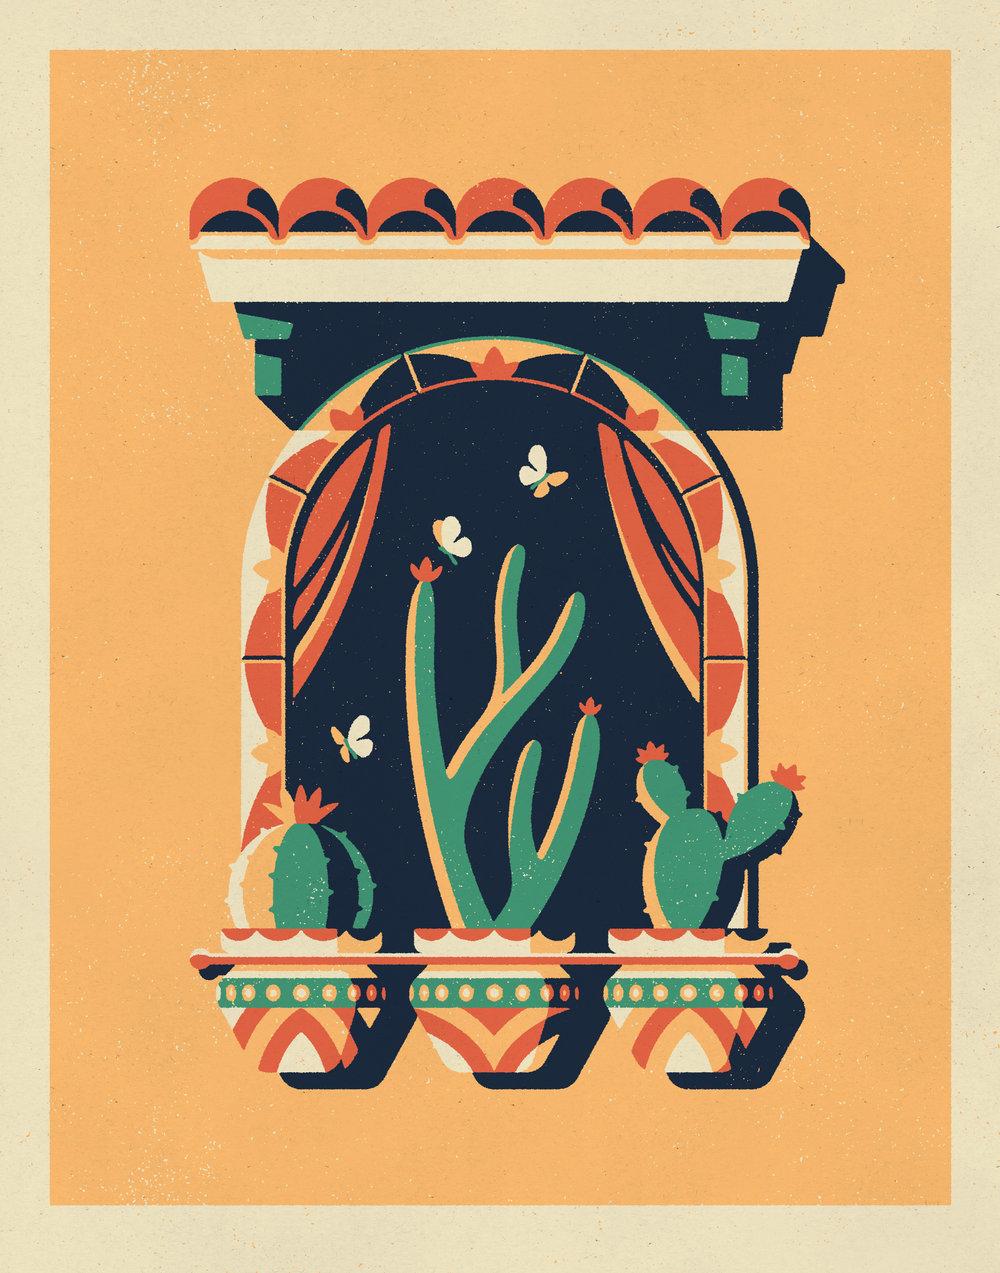 veracruz_design.jpg